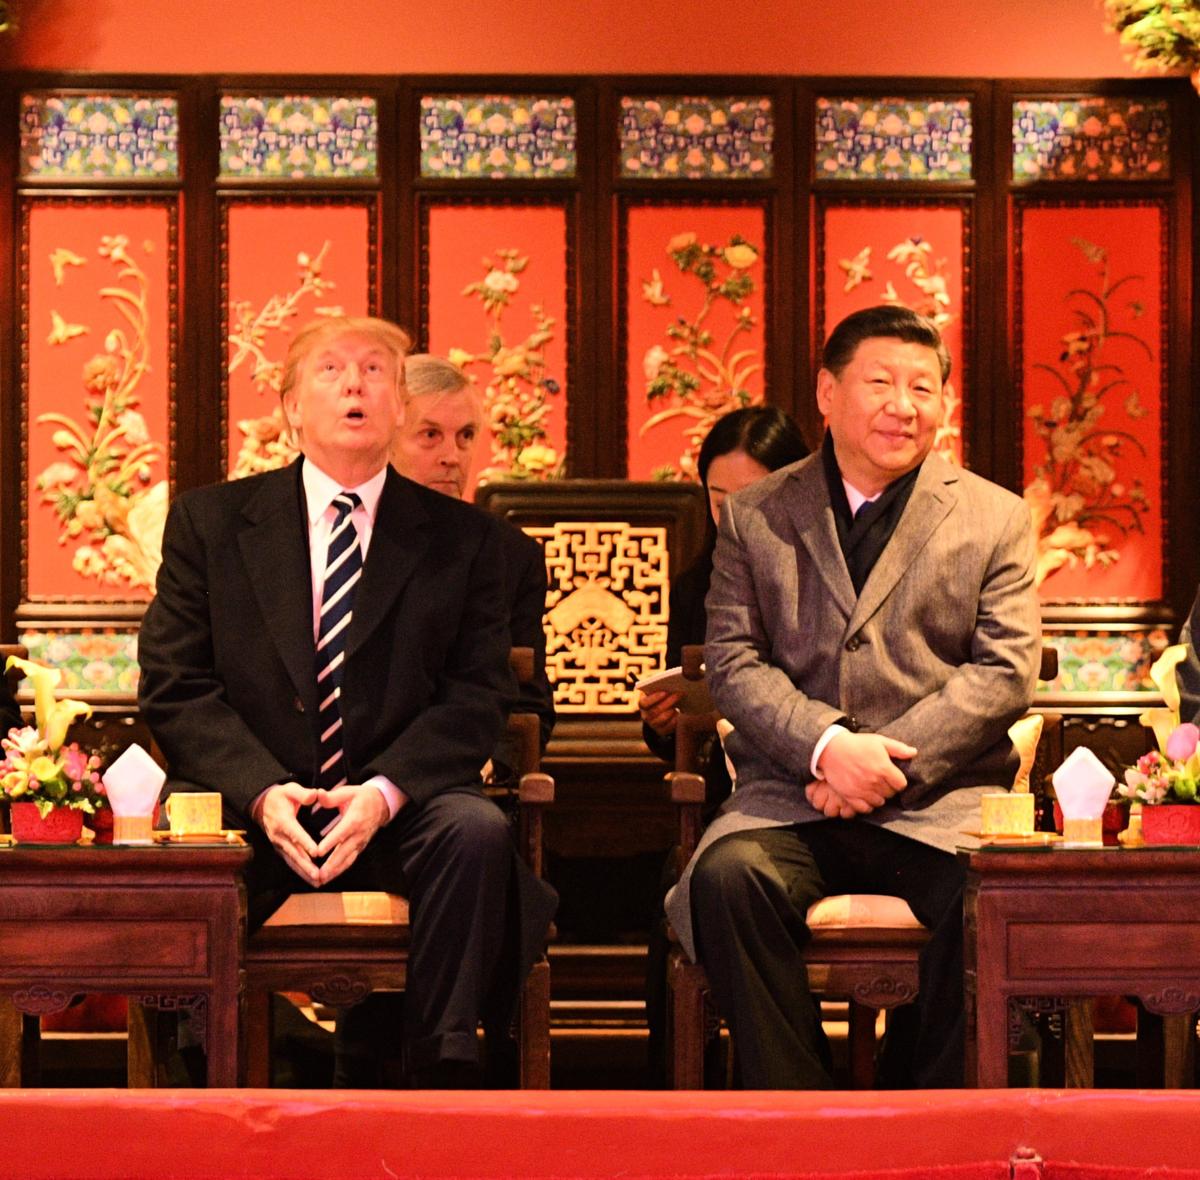 特朗普和習近平的兩輪宮殿會談已經結束,他們還有未竟之事業一樁有待完成。圖為特朗普與習近平在北京故宮。(Getty Images)